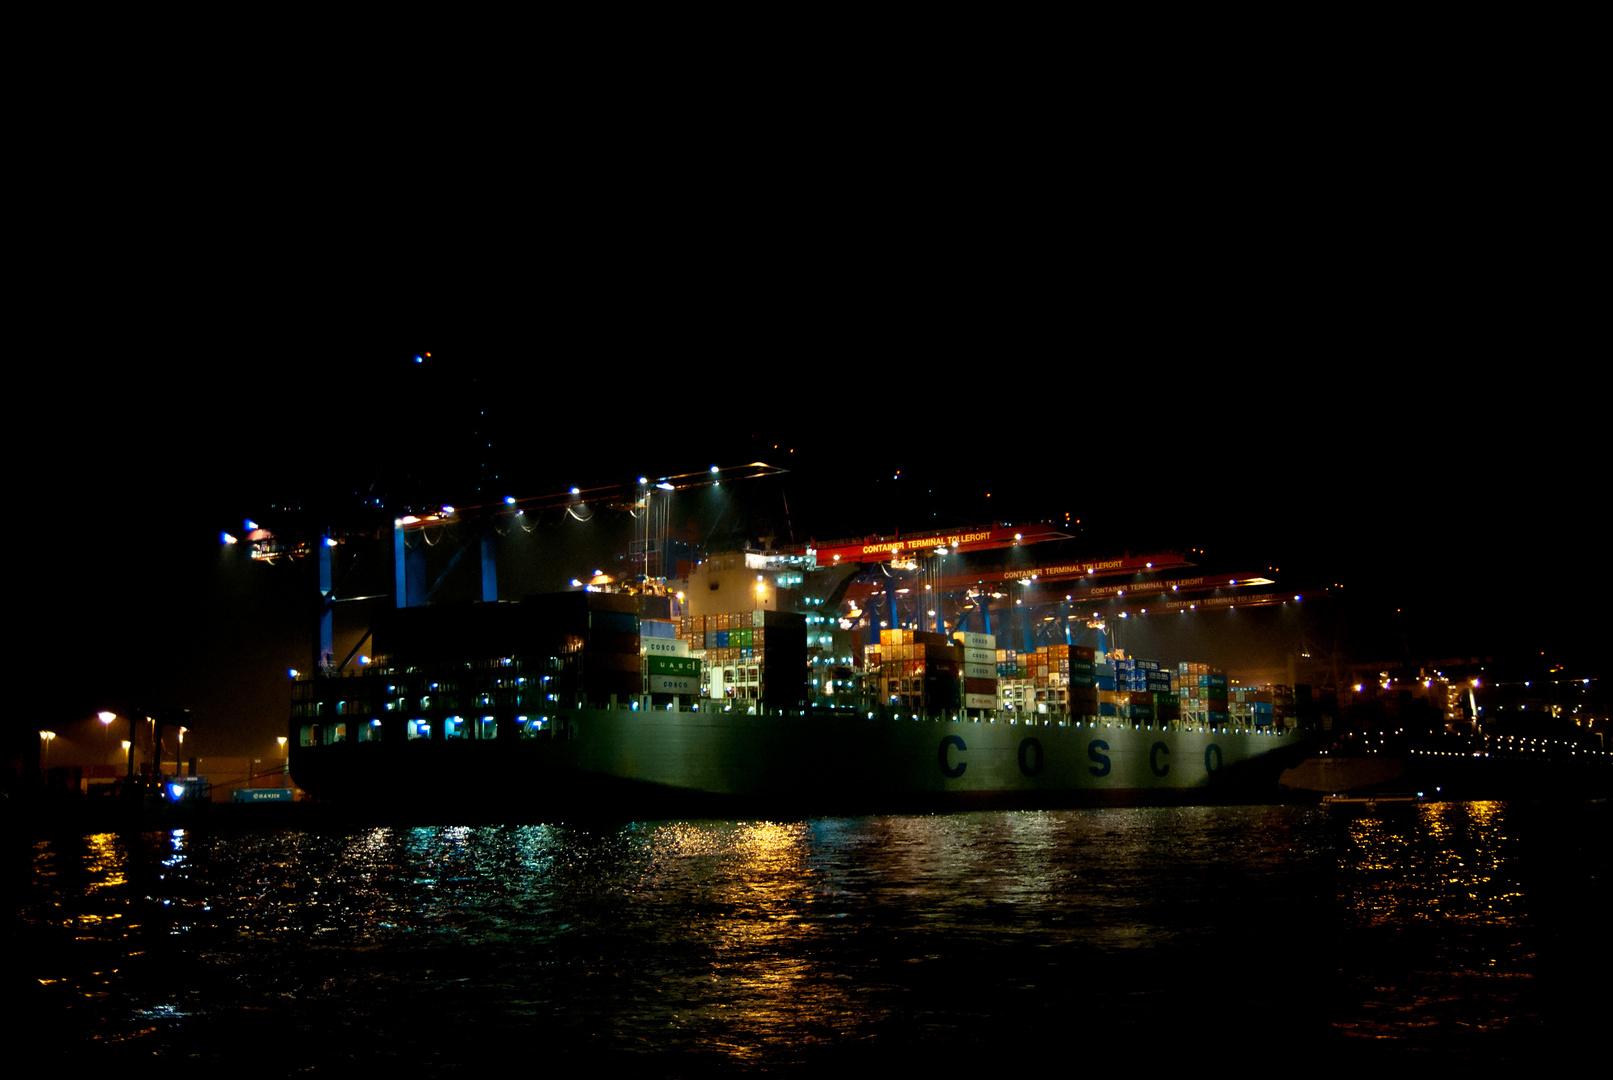 Cosco im Hamburger Hafen (Optimierte Version)